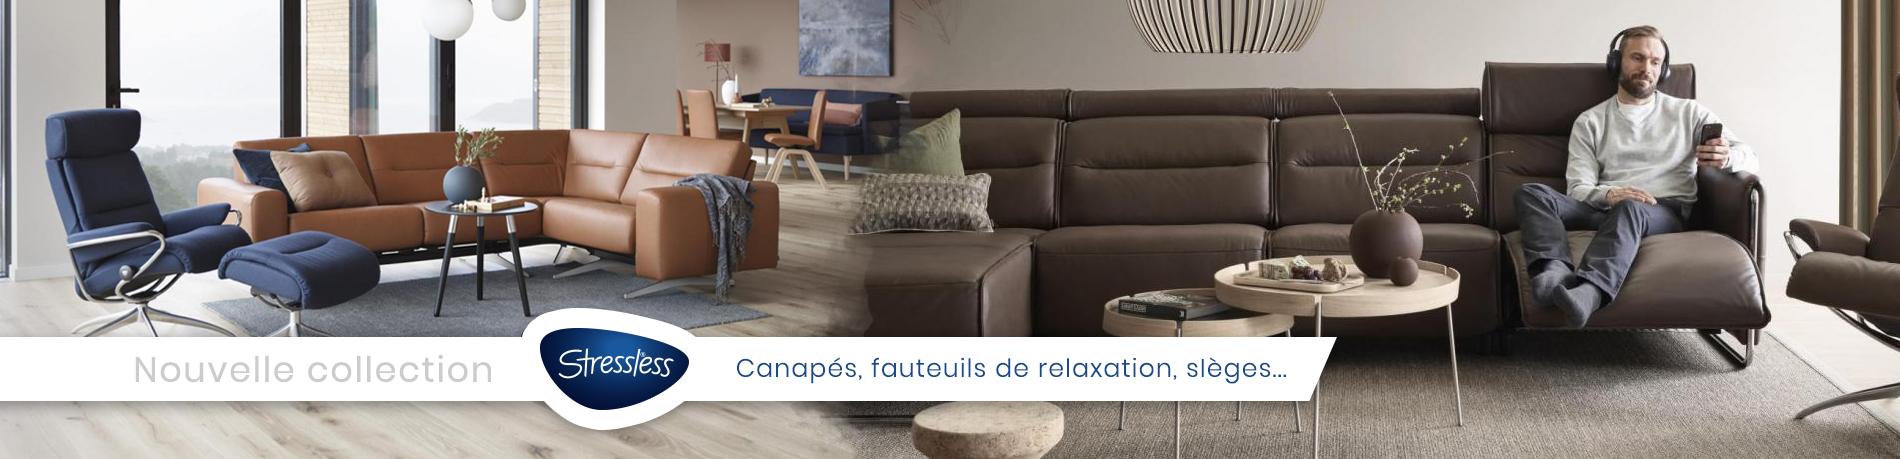 canapés et fauteuils de relaxation Stressless sur Meximieux